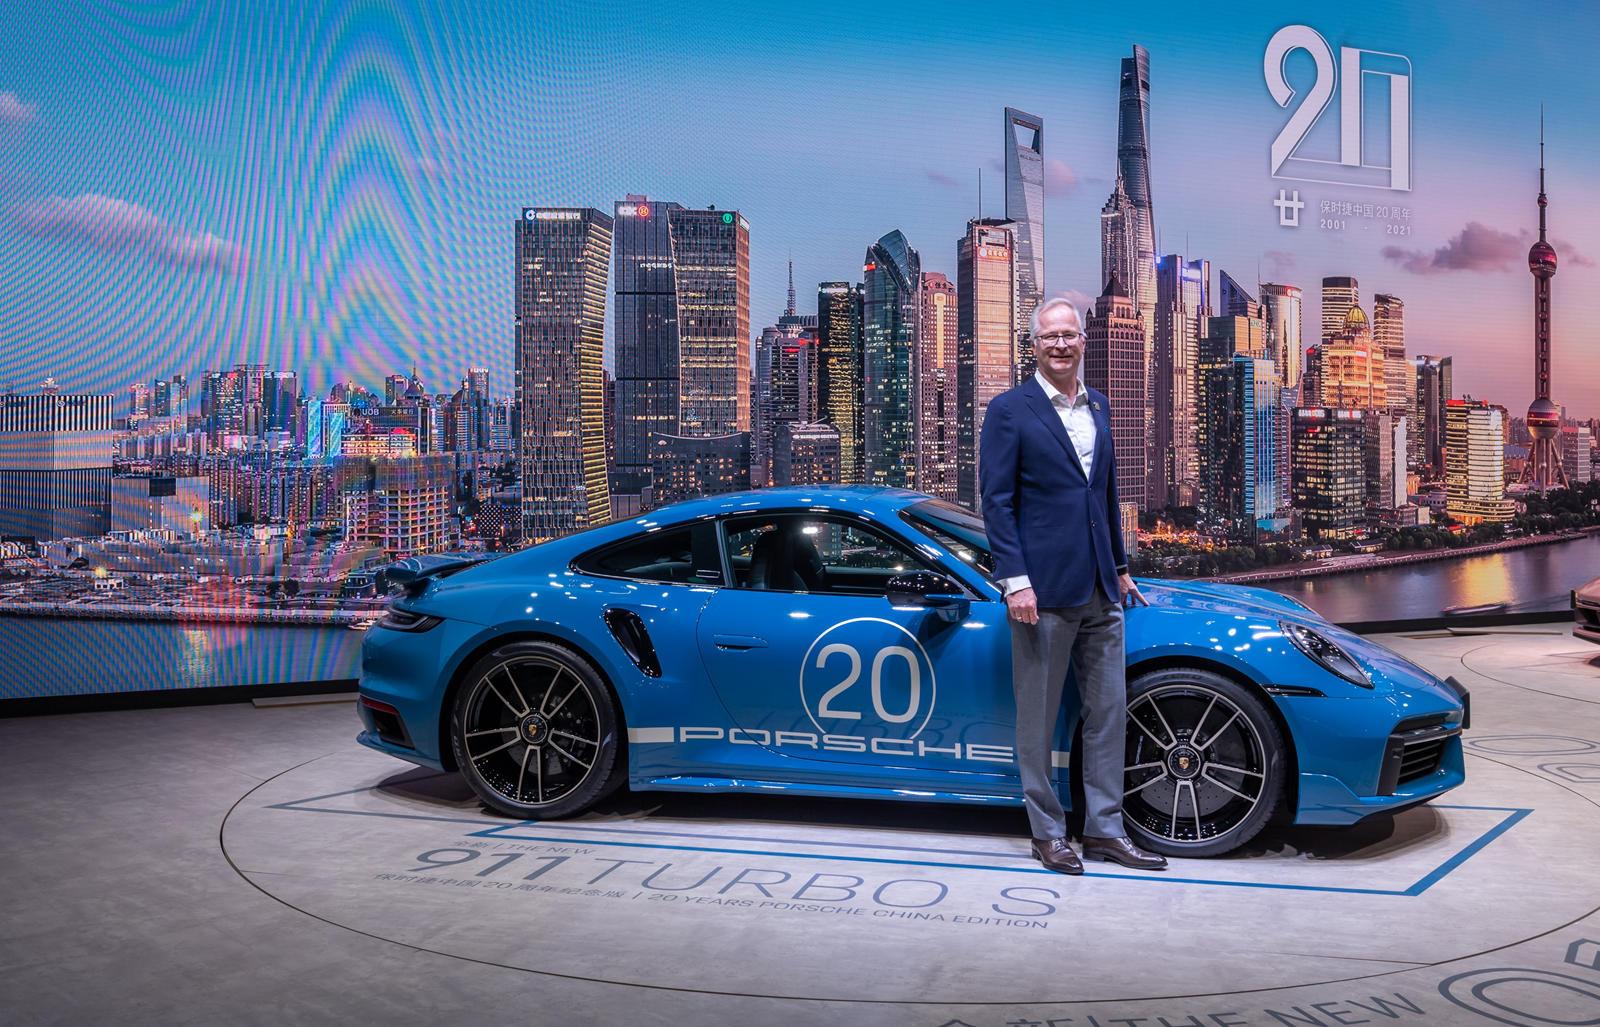 Предположительно, памятный 911 Turbo S будет выпущен в ограниченном количестве, но Porsche не объявил о предельном объеме производства.